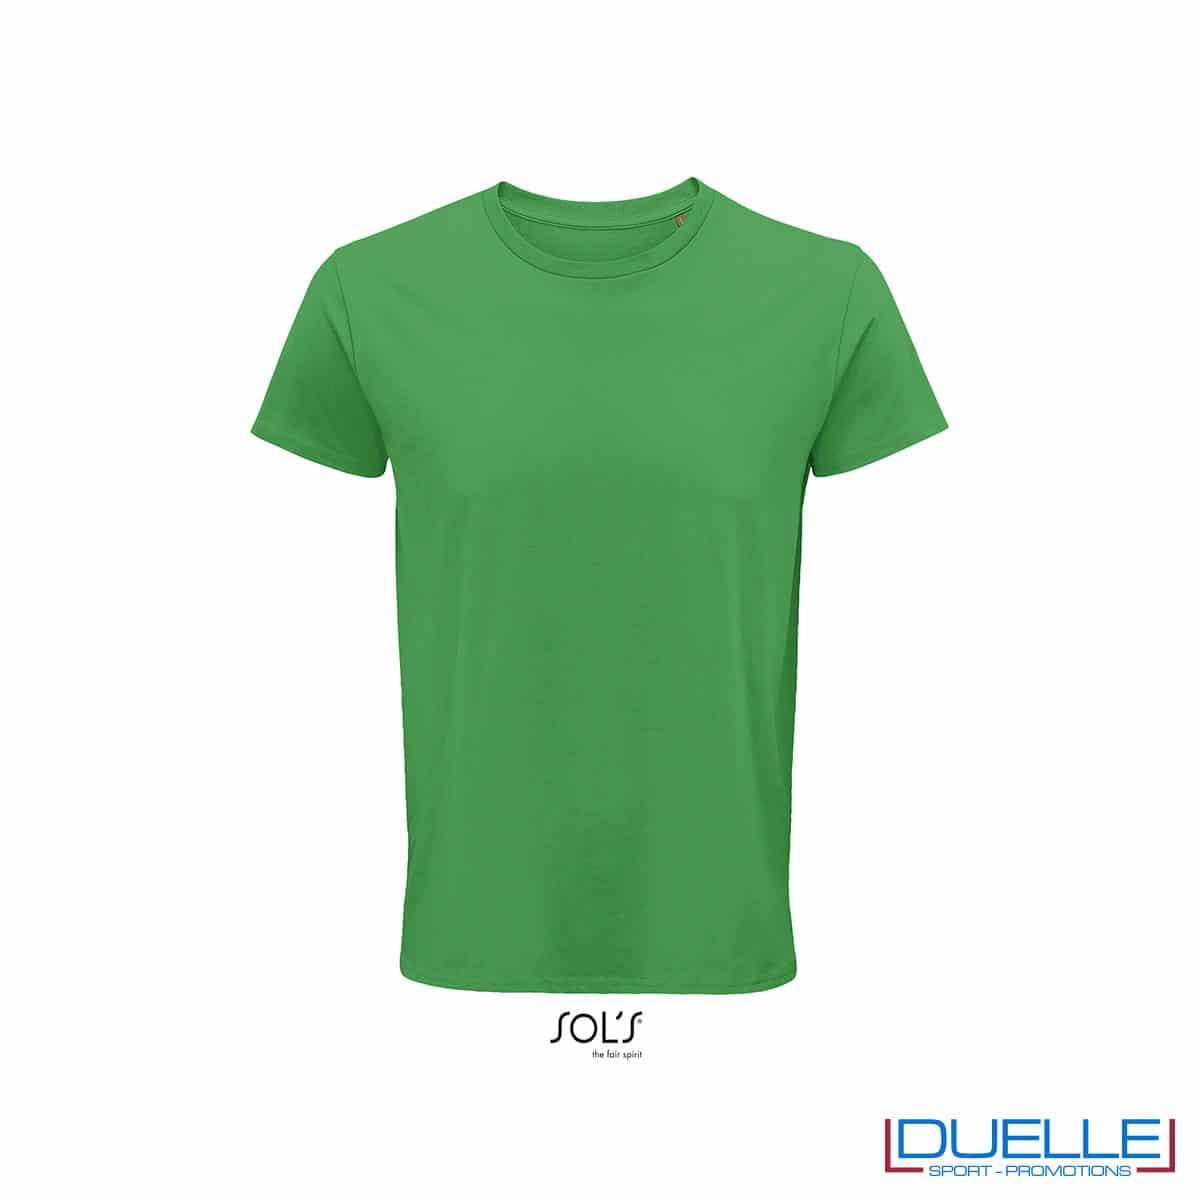 Maglietta ecosostenibile cotone biologico personalizzata colore verde prato